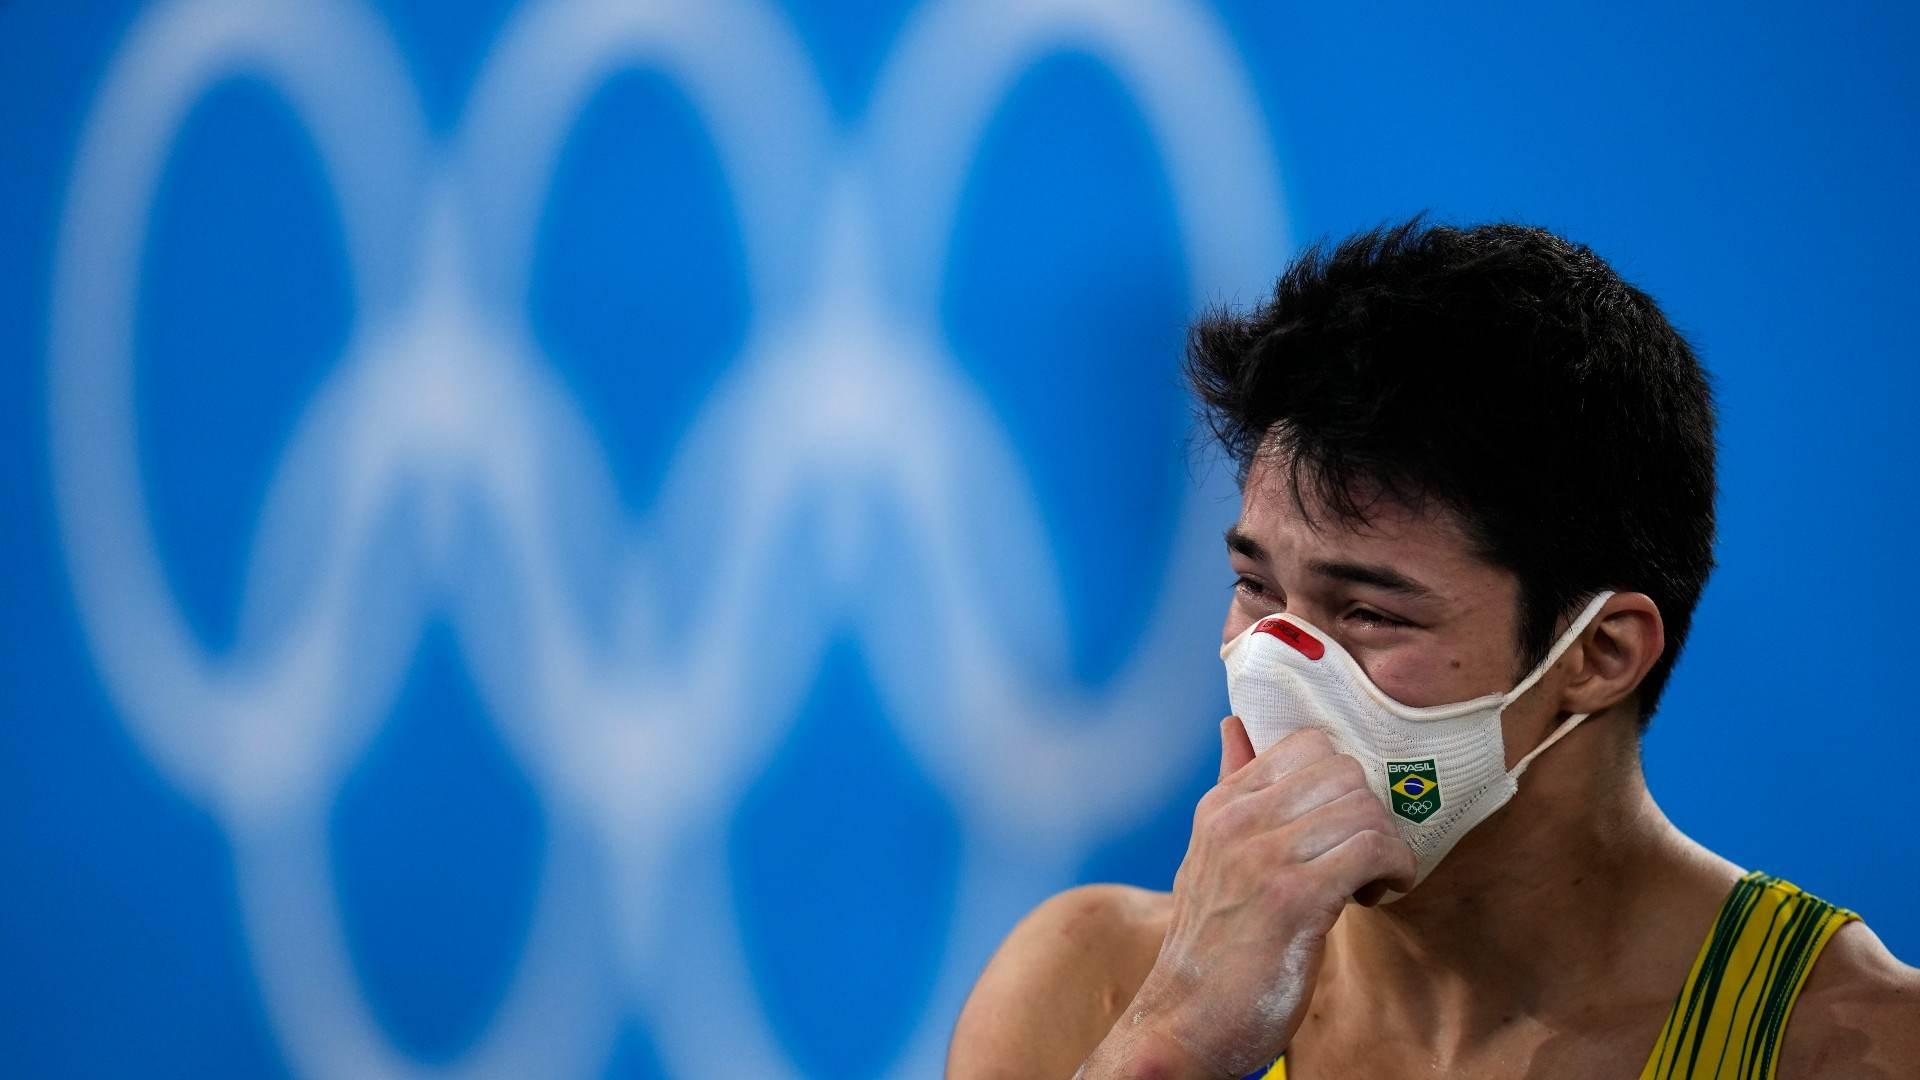 Nori se decepciona com resultado após fim de sua rotação na ginástica artística